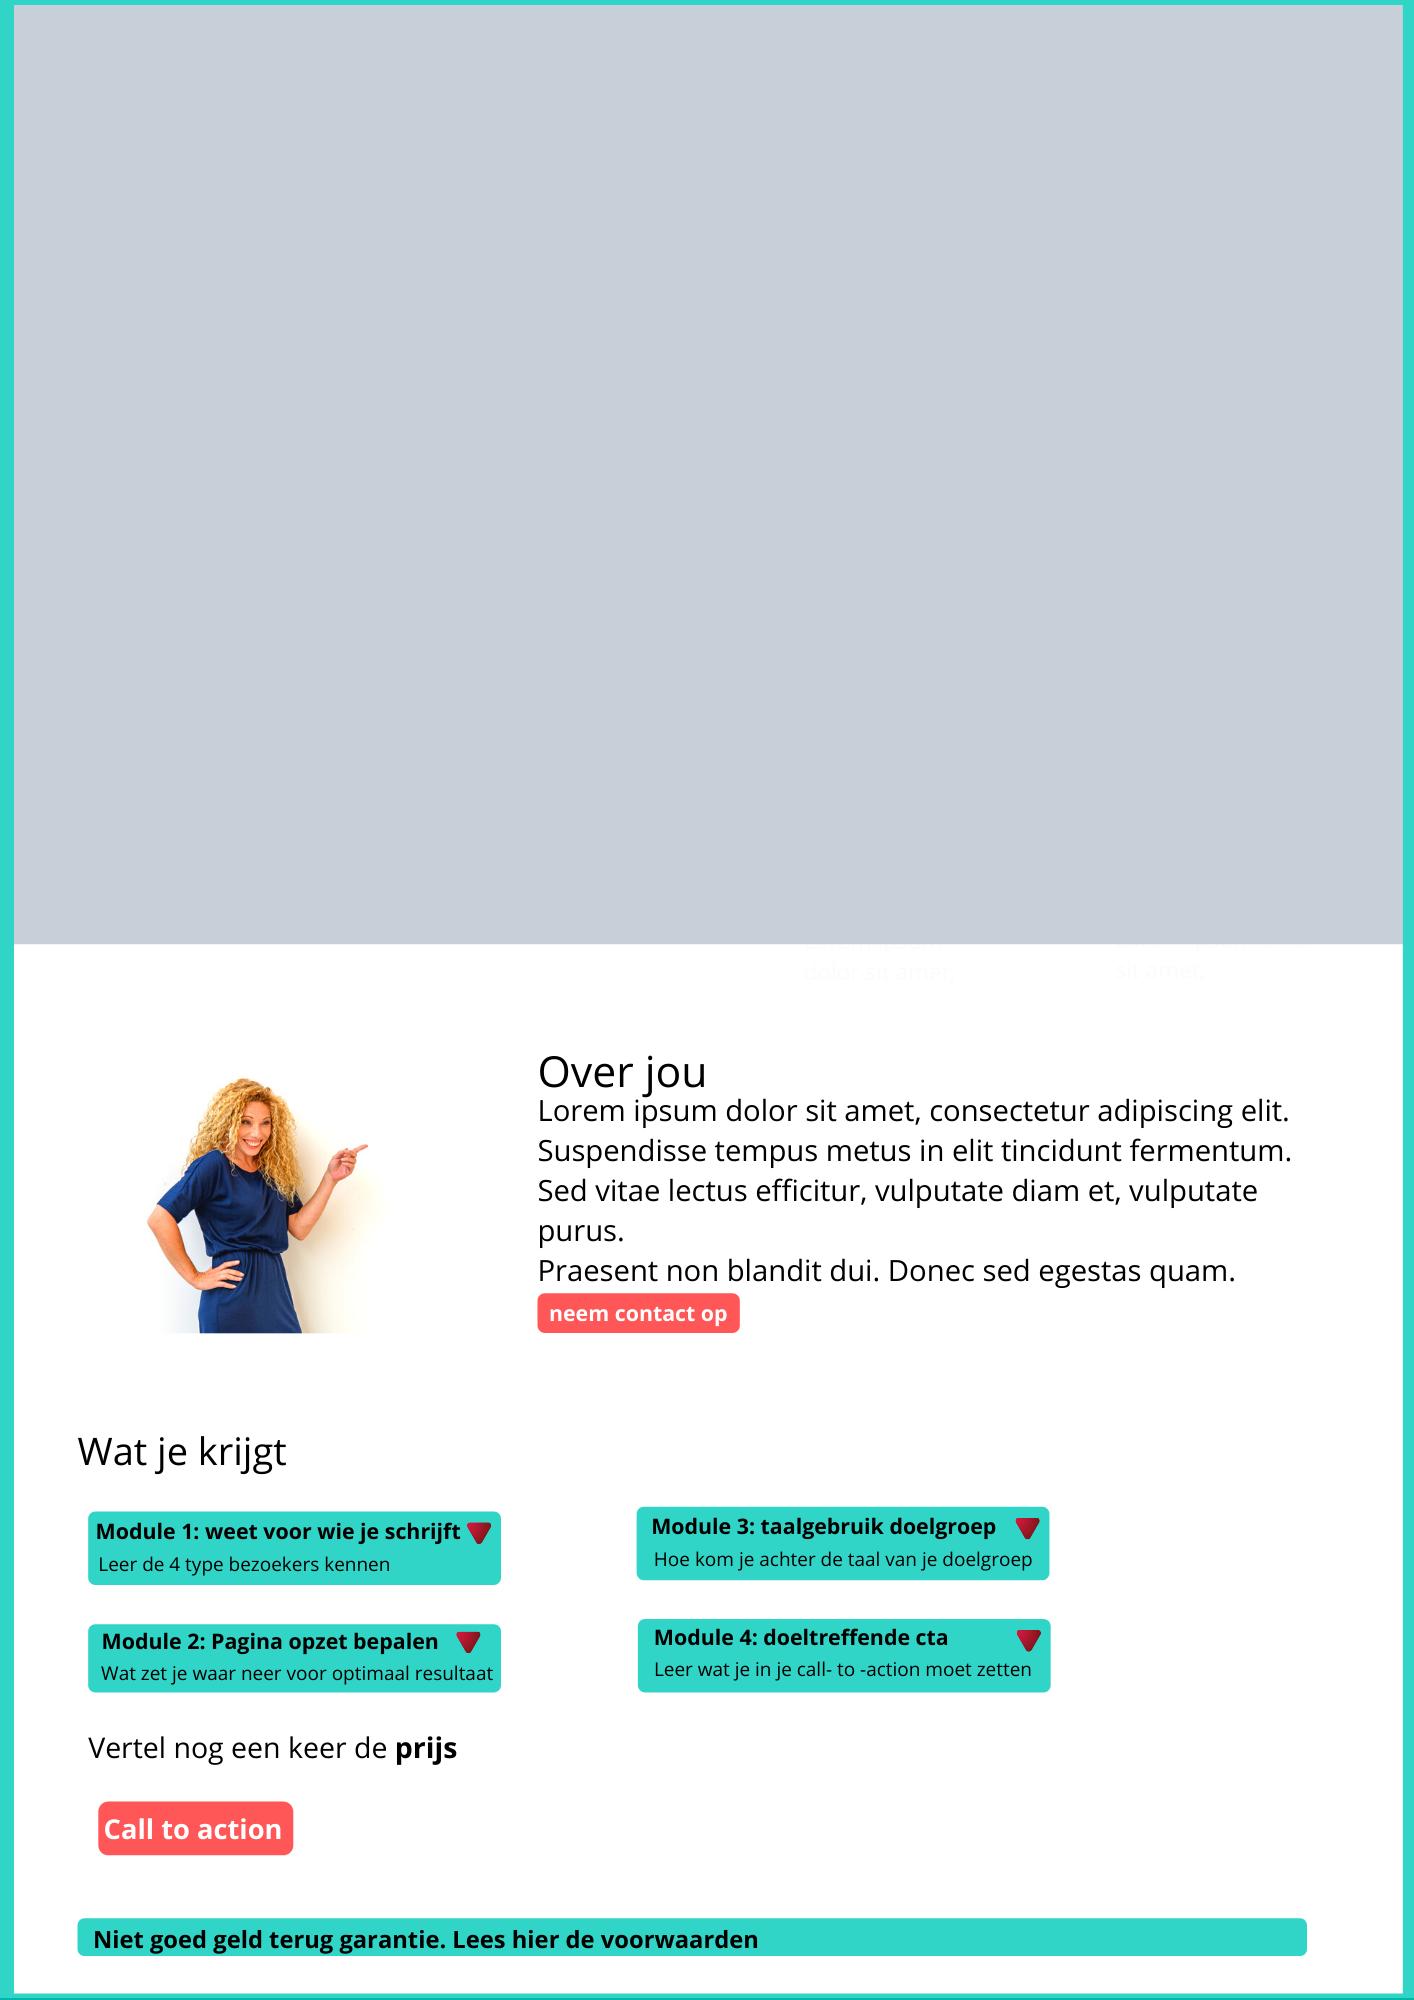 Elementen die bezoeker  type 3 en 4  nodig hebben om een beslissing te maken. - De Content Agency